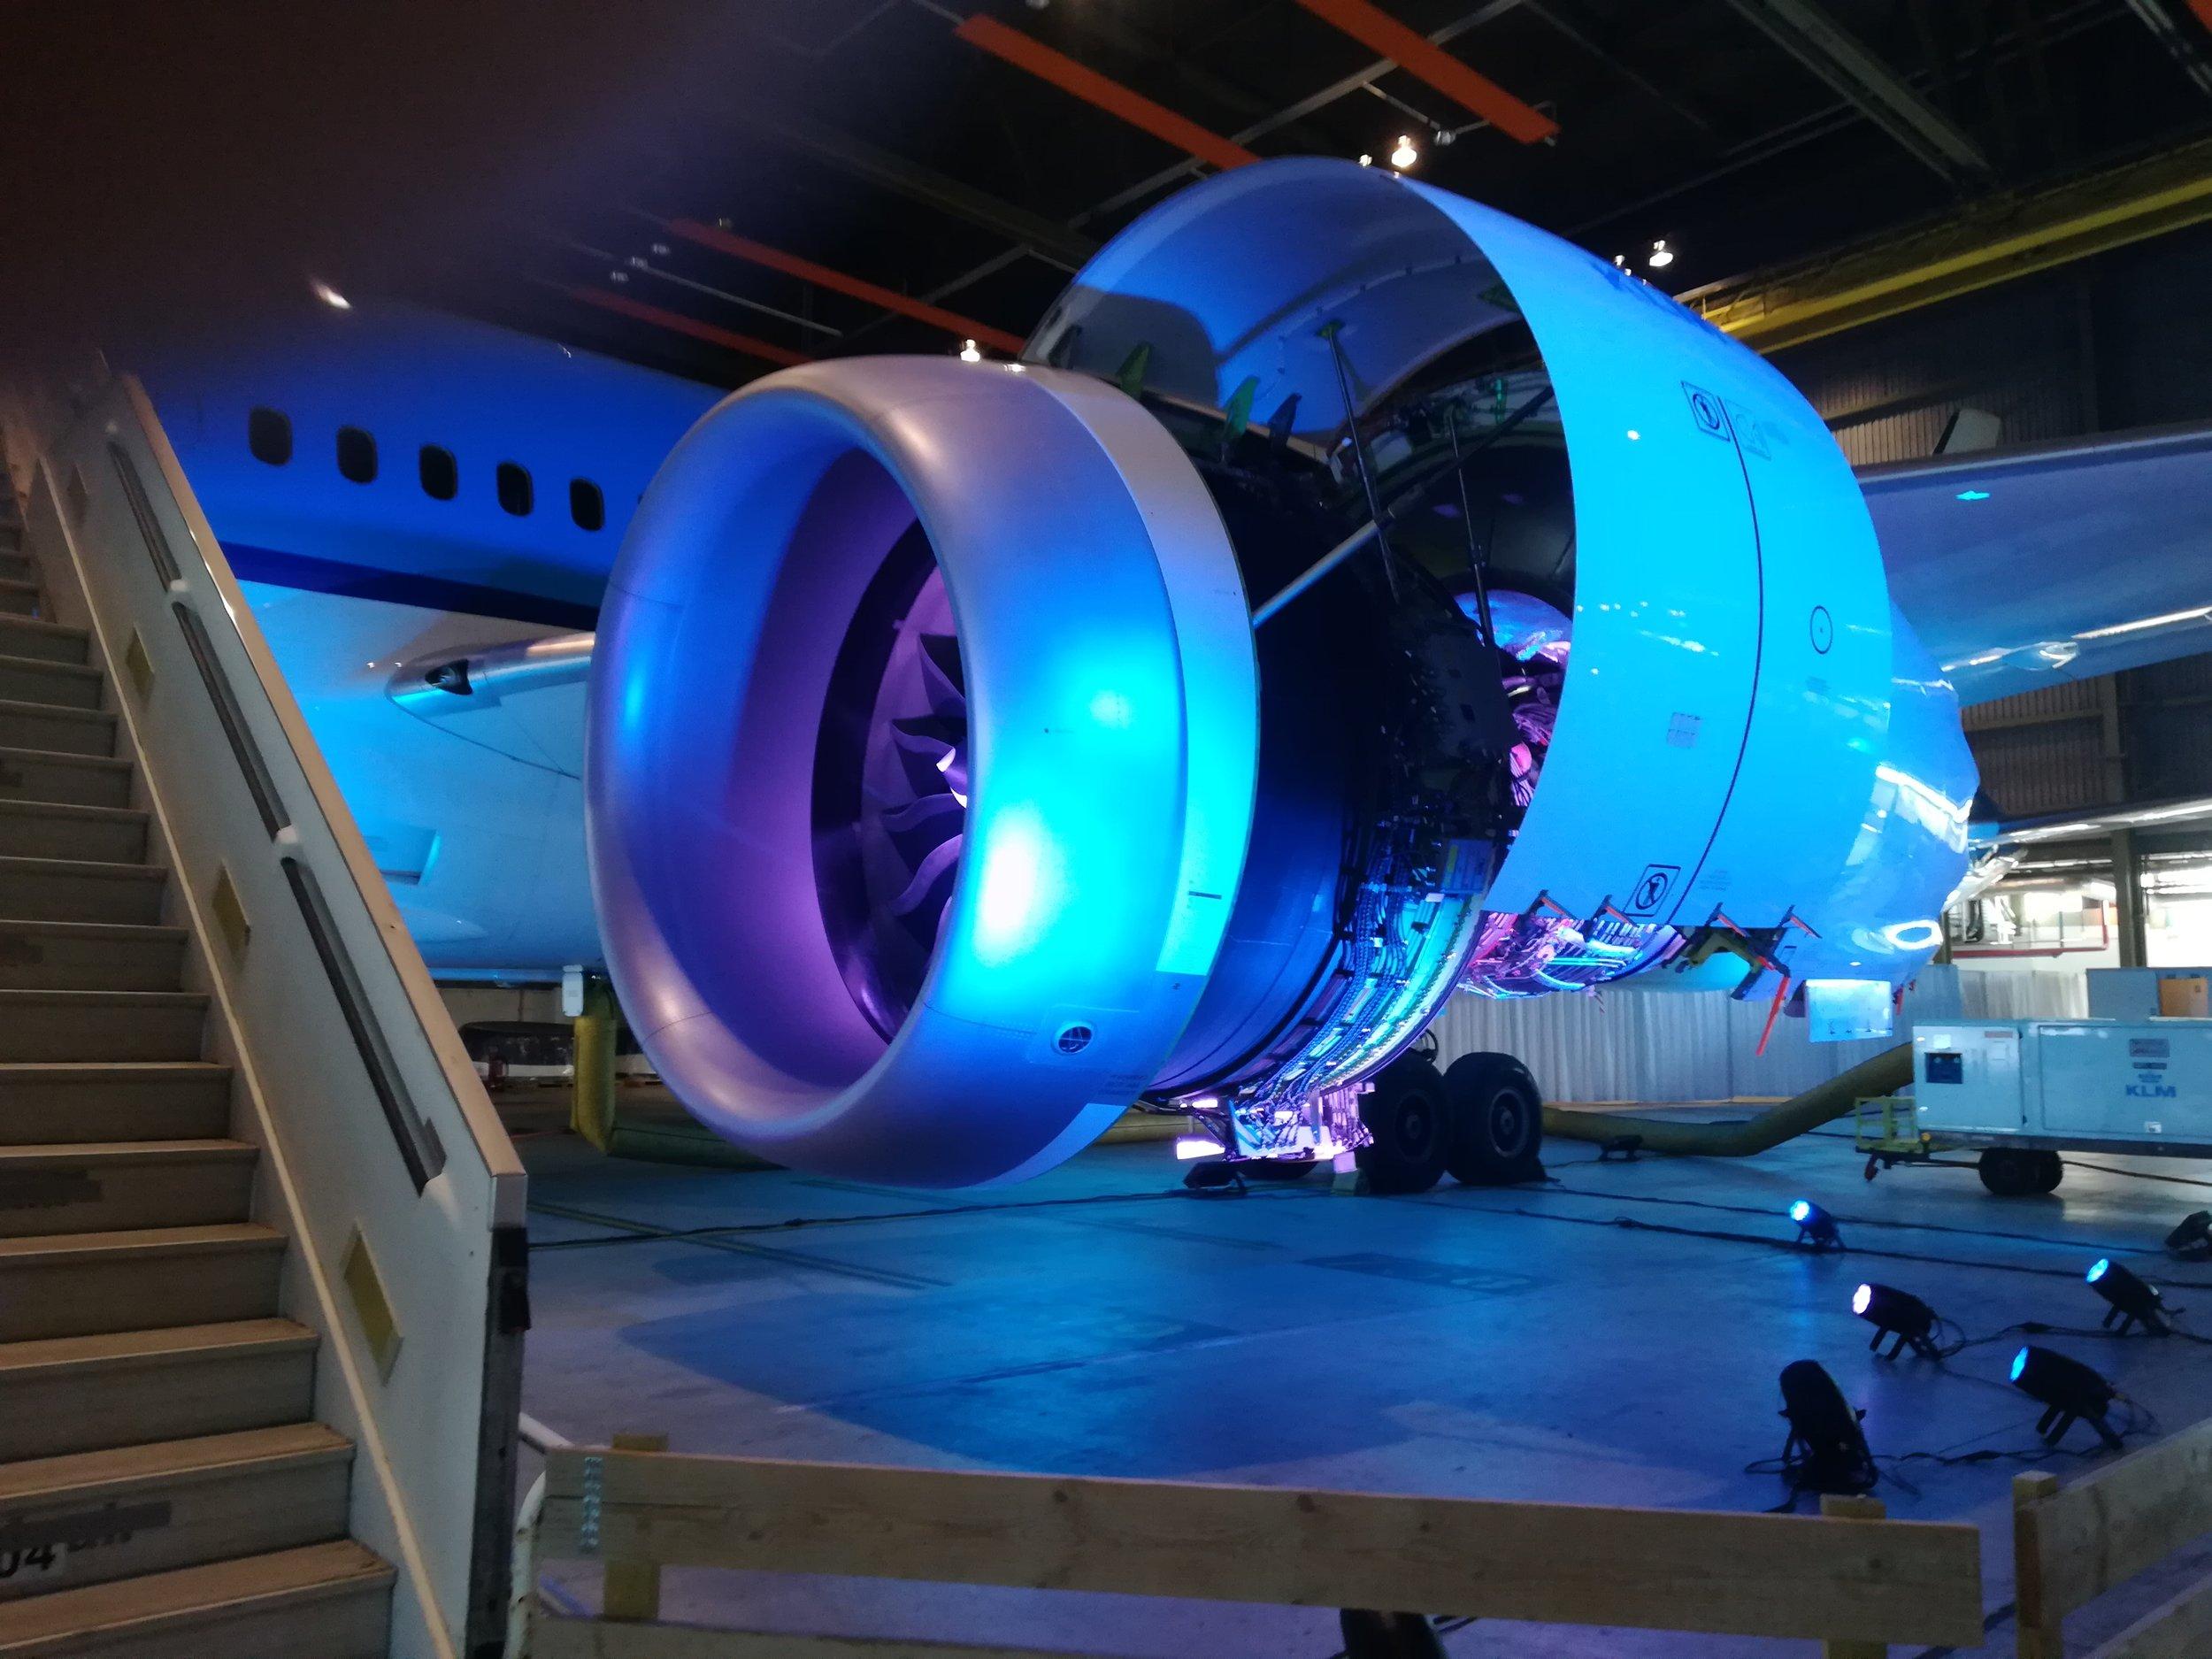 De vliegtuigmotor.